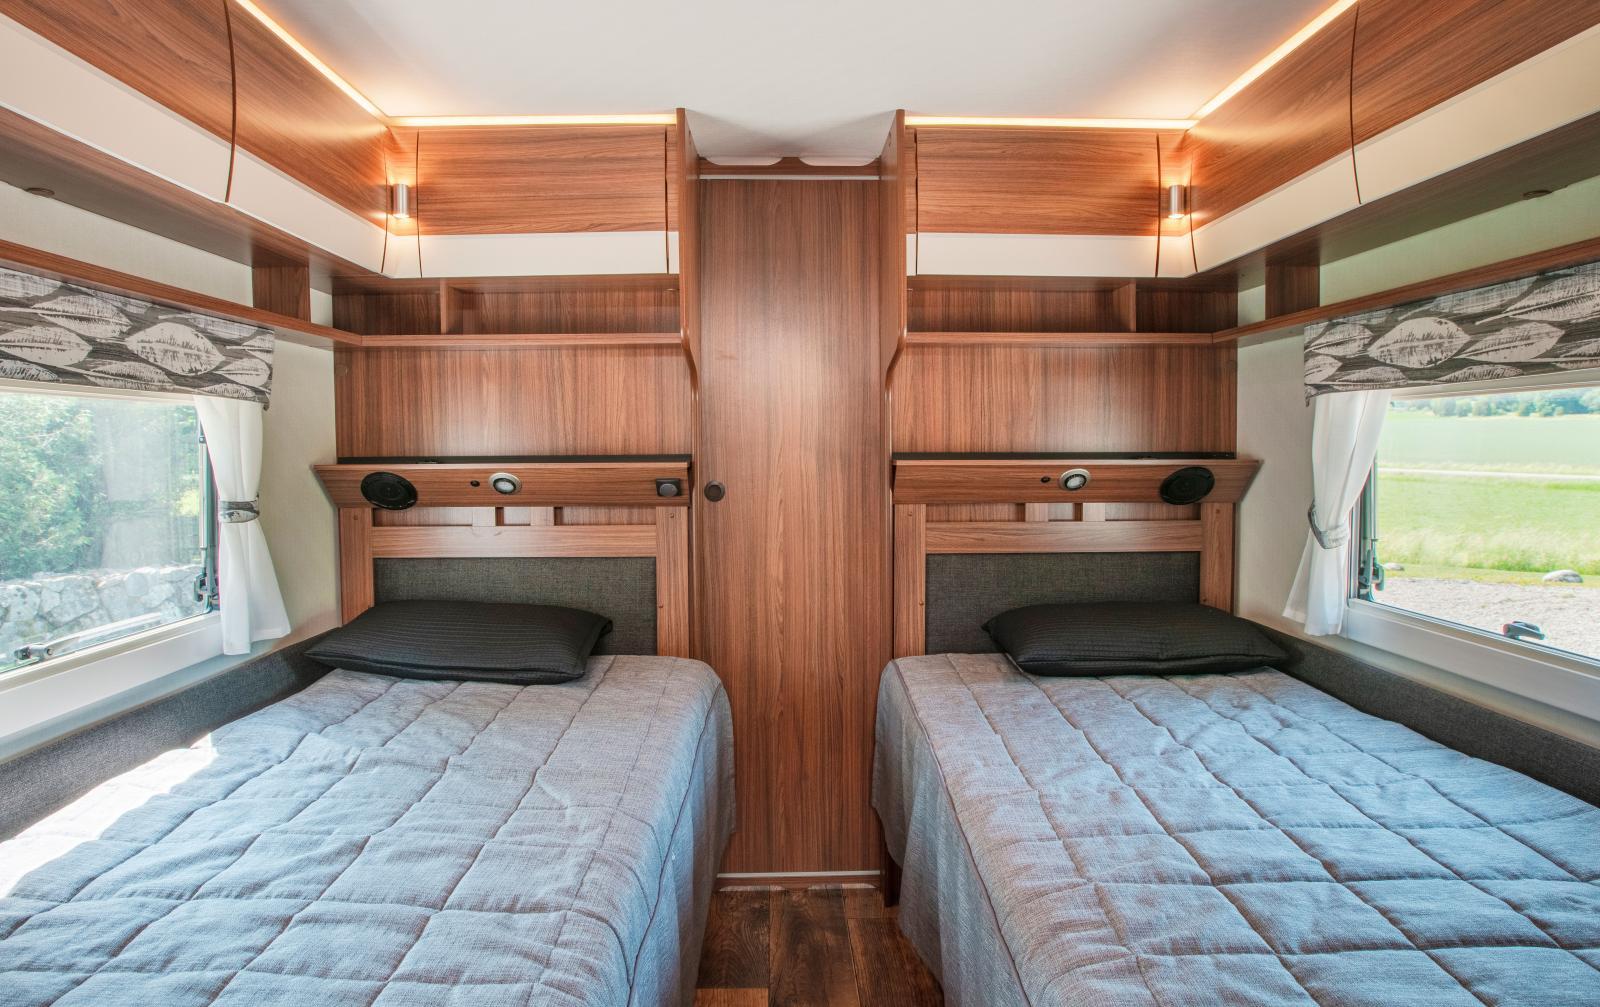 Mellan bäddarnas justerbara huvudändar finns dörren till det vagnsbreda tvättrummet, vädringsluckor intill väggfönstren.